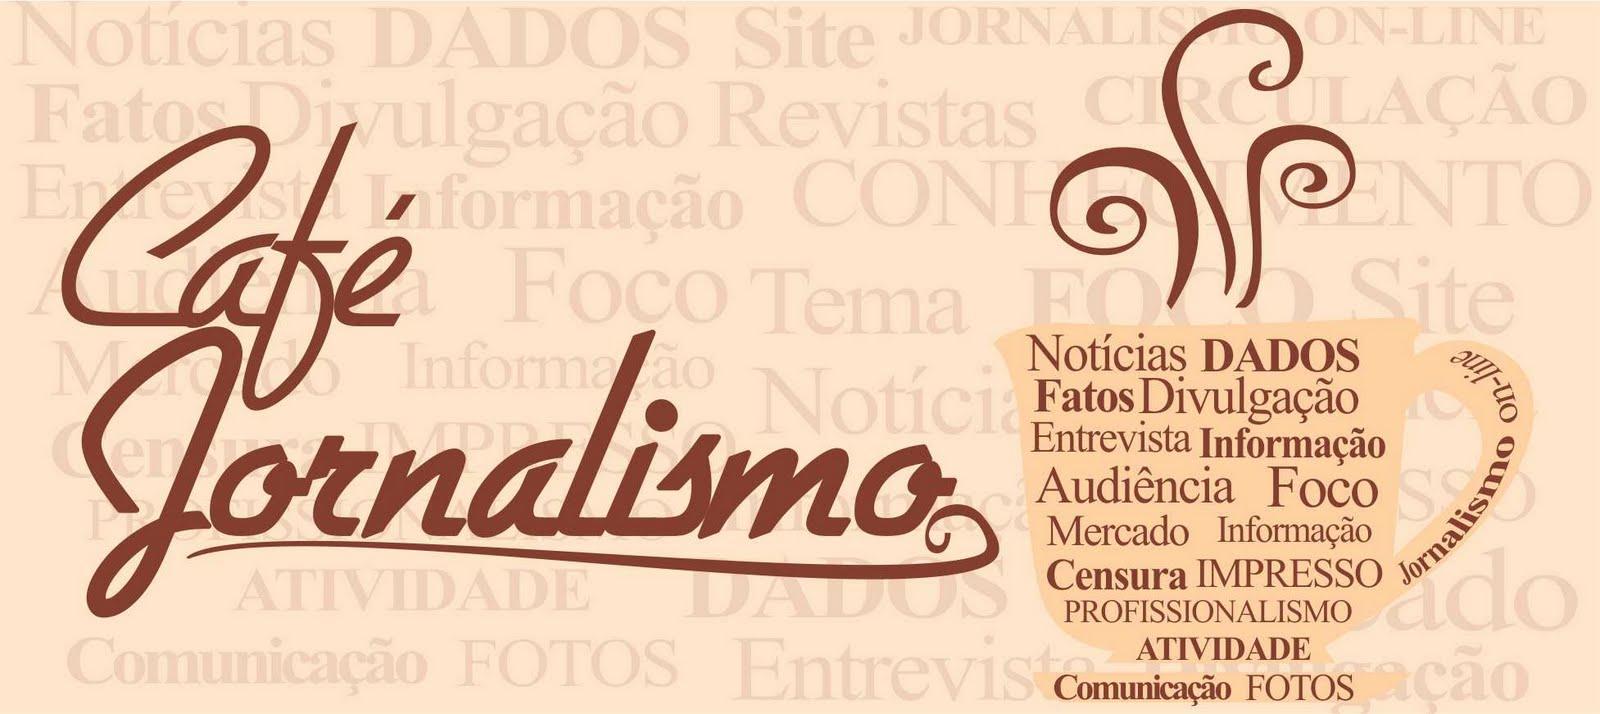 Café Jornalismo